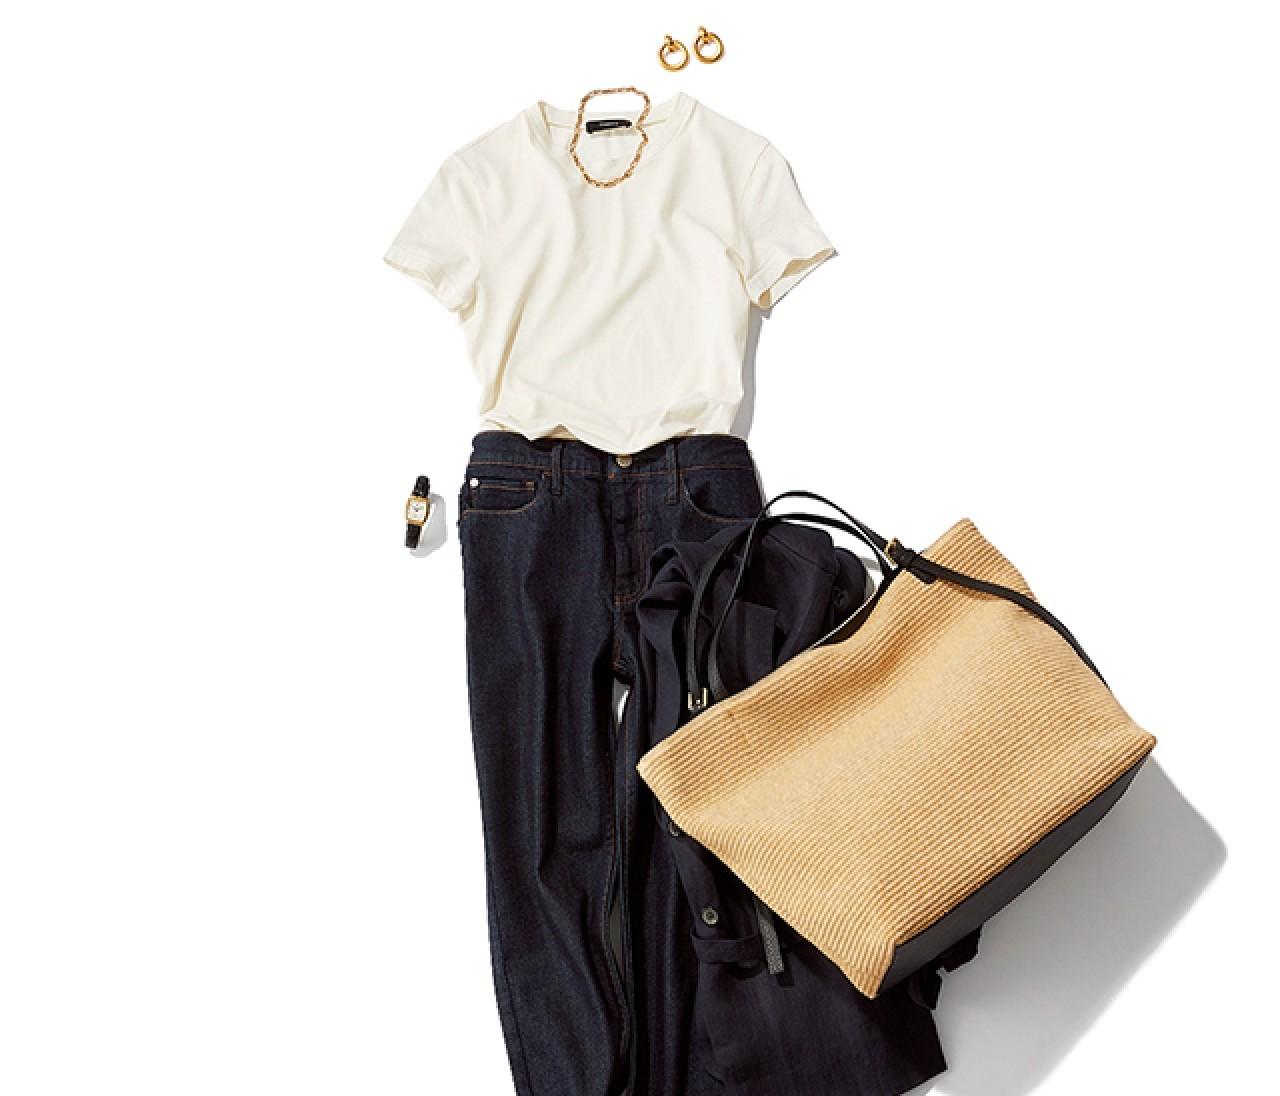 セールで買い物する日は、動きやすく自分らしい白T&デニムで!【2019/7/6のコーデ】